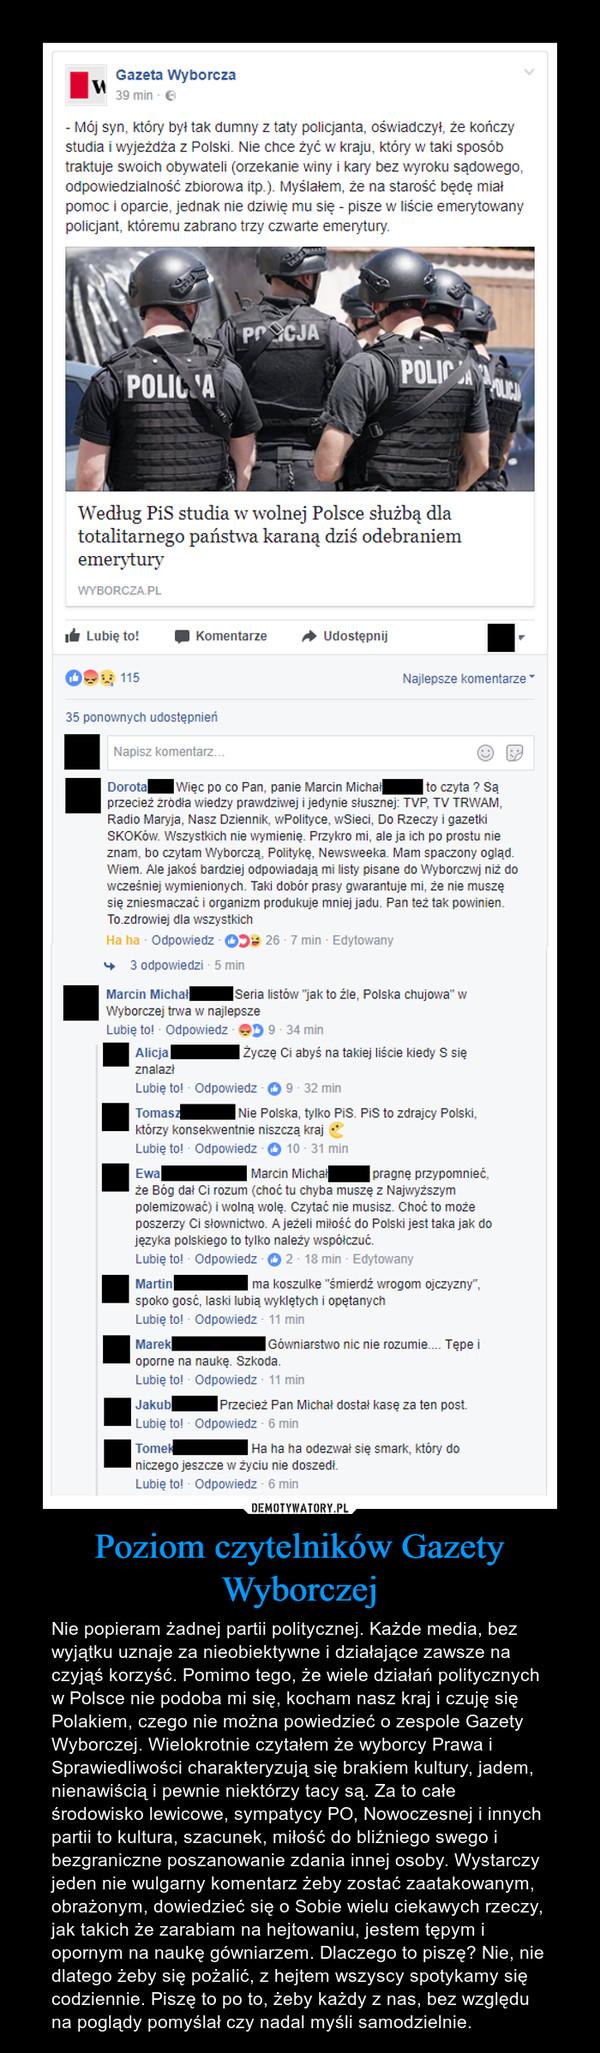 Poziom czytelników Gazety Wyborczej – Nie popieram żadnej partii politycznej. Każde media, bez wyjątku uznaje za nieobiektywne i działające zawsze na czyjąś korzyść. Pomimo tego, że wiele działań politycznych w Polsce nie podoba mi się, kocham nasz kraj i czuję się Polakiem, czego nie można powiedzieć o zespole Gazety Wyborczej. Wielokrotnie czytałem że wyborcy Prawa i Sprawiedliwości charakteryzują się brakiem kultury, jadem, nienawiścią i pewnie niektórzy tacy są. Za to całe środowisko lewicowe, sympatycy PO, Nowoczesnej i innych partii to kultura, szacunek, miłość do bliźniego swego i bezgraniczne poszanowanie zdania innej osoby. Wystarczy jeden nie wulgarny komentarz żeby zostać zaatakowanym, obrażonym, dowiedzieć się o Sobie wielu ciekawych rzeczy, jak takich że zarabiam na hejtowaniu, jestem tępym i opornym na naukę gówniarzem. Dlaczego to piszę? Nie, nie dlatego żeby się pożalić, z hejtem wszyscy spotykamy się codziennie. Piszę to po to, żeby każdy z nas, bez względu na poglądy pomyślał czy nadal myśli samodzielnie.